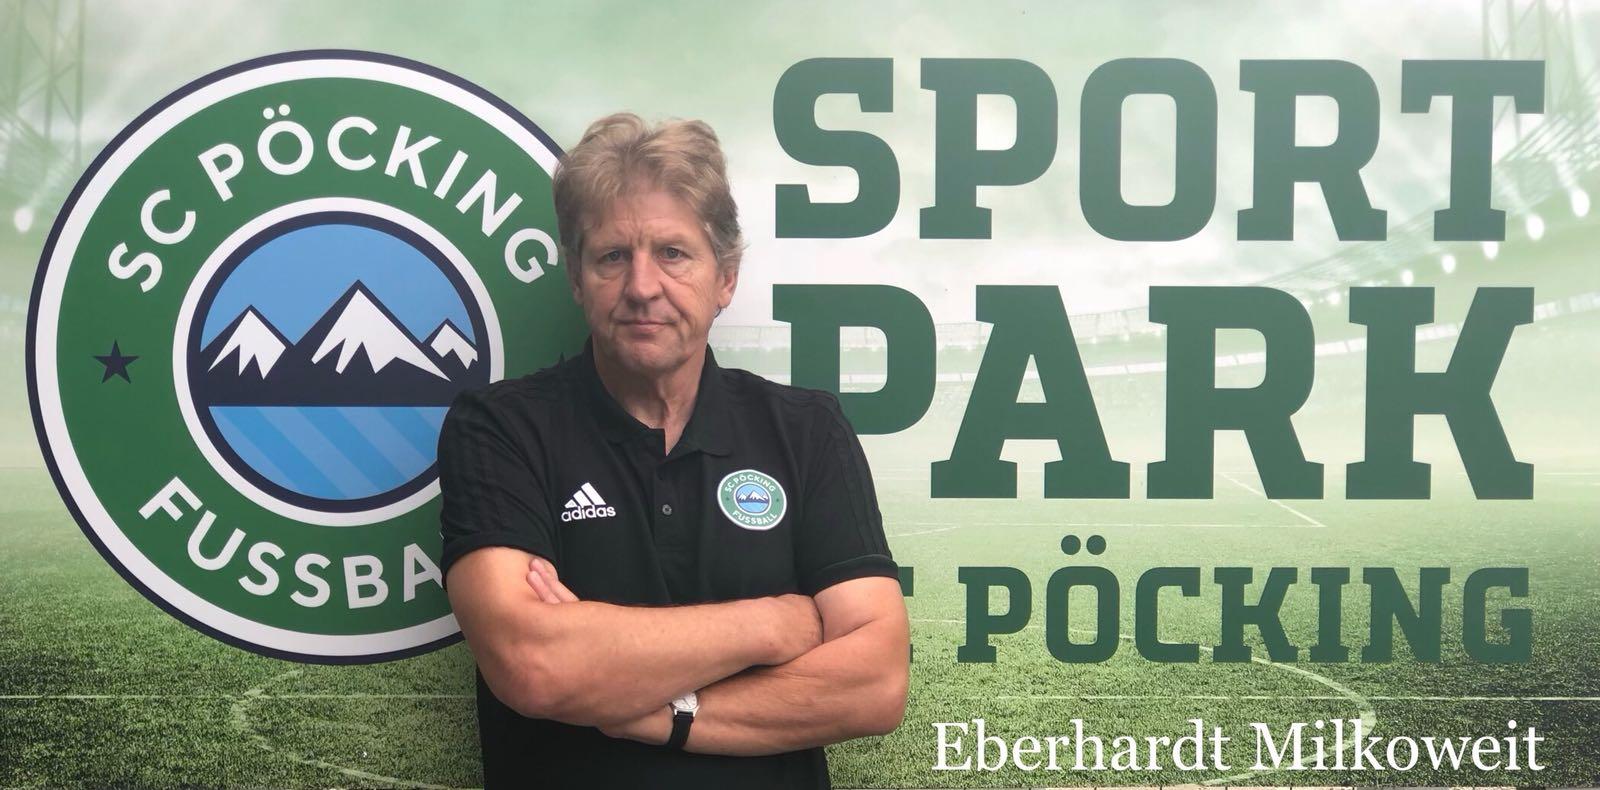 http://www.scppfussball.de/wp-content/uploads/2018/07/Eberhard-Milkoweit.jpg